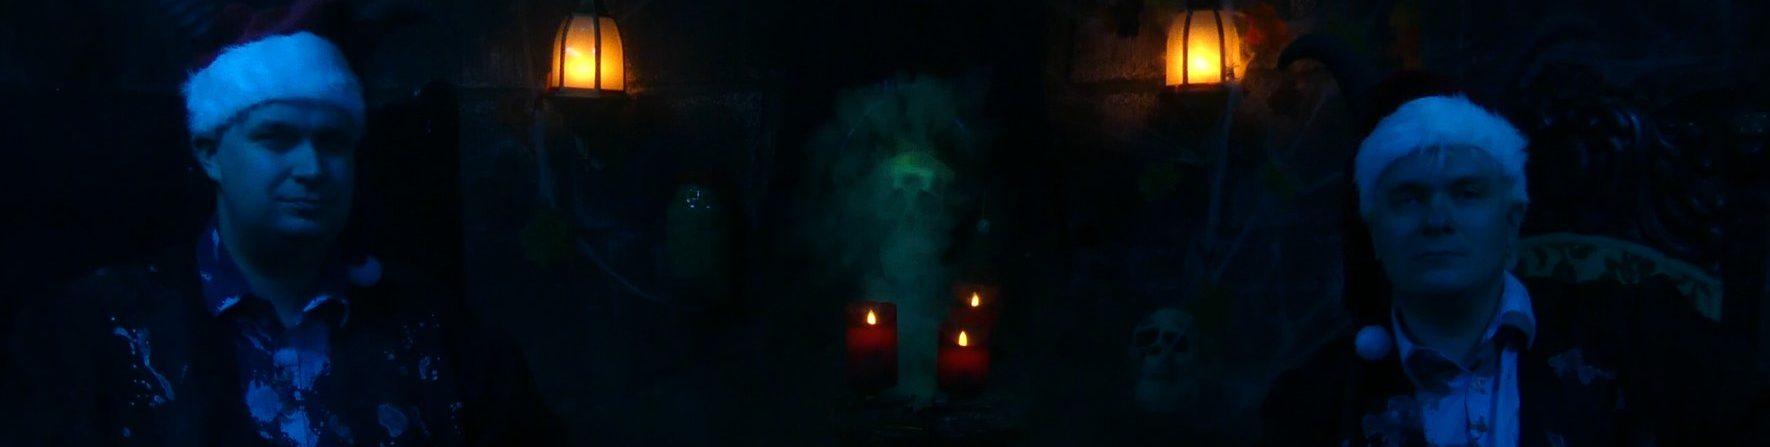 Episode 14: Fröhliche Weihnachten, Mr. Scrooge 2 (Titania Medien)